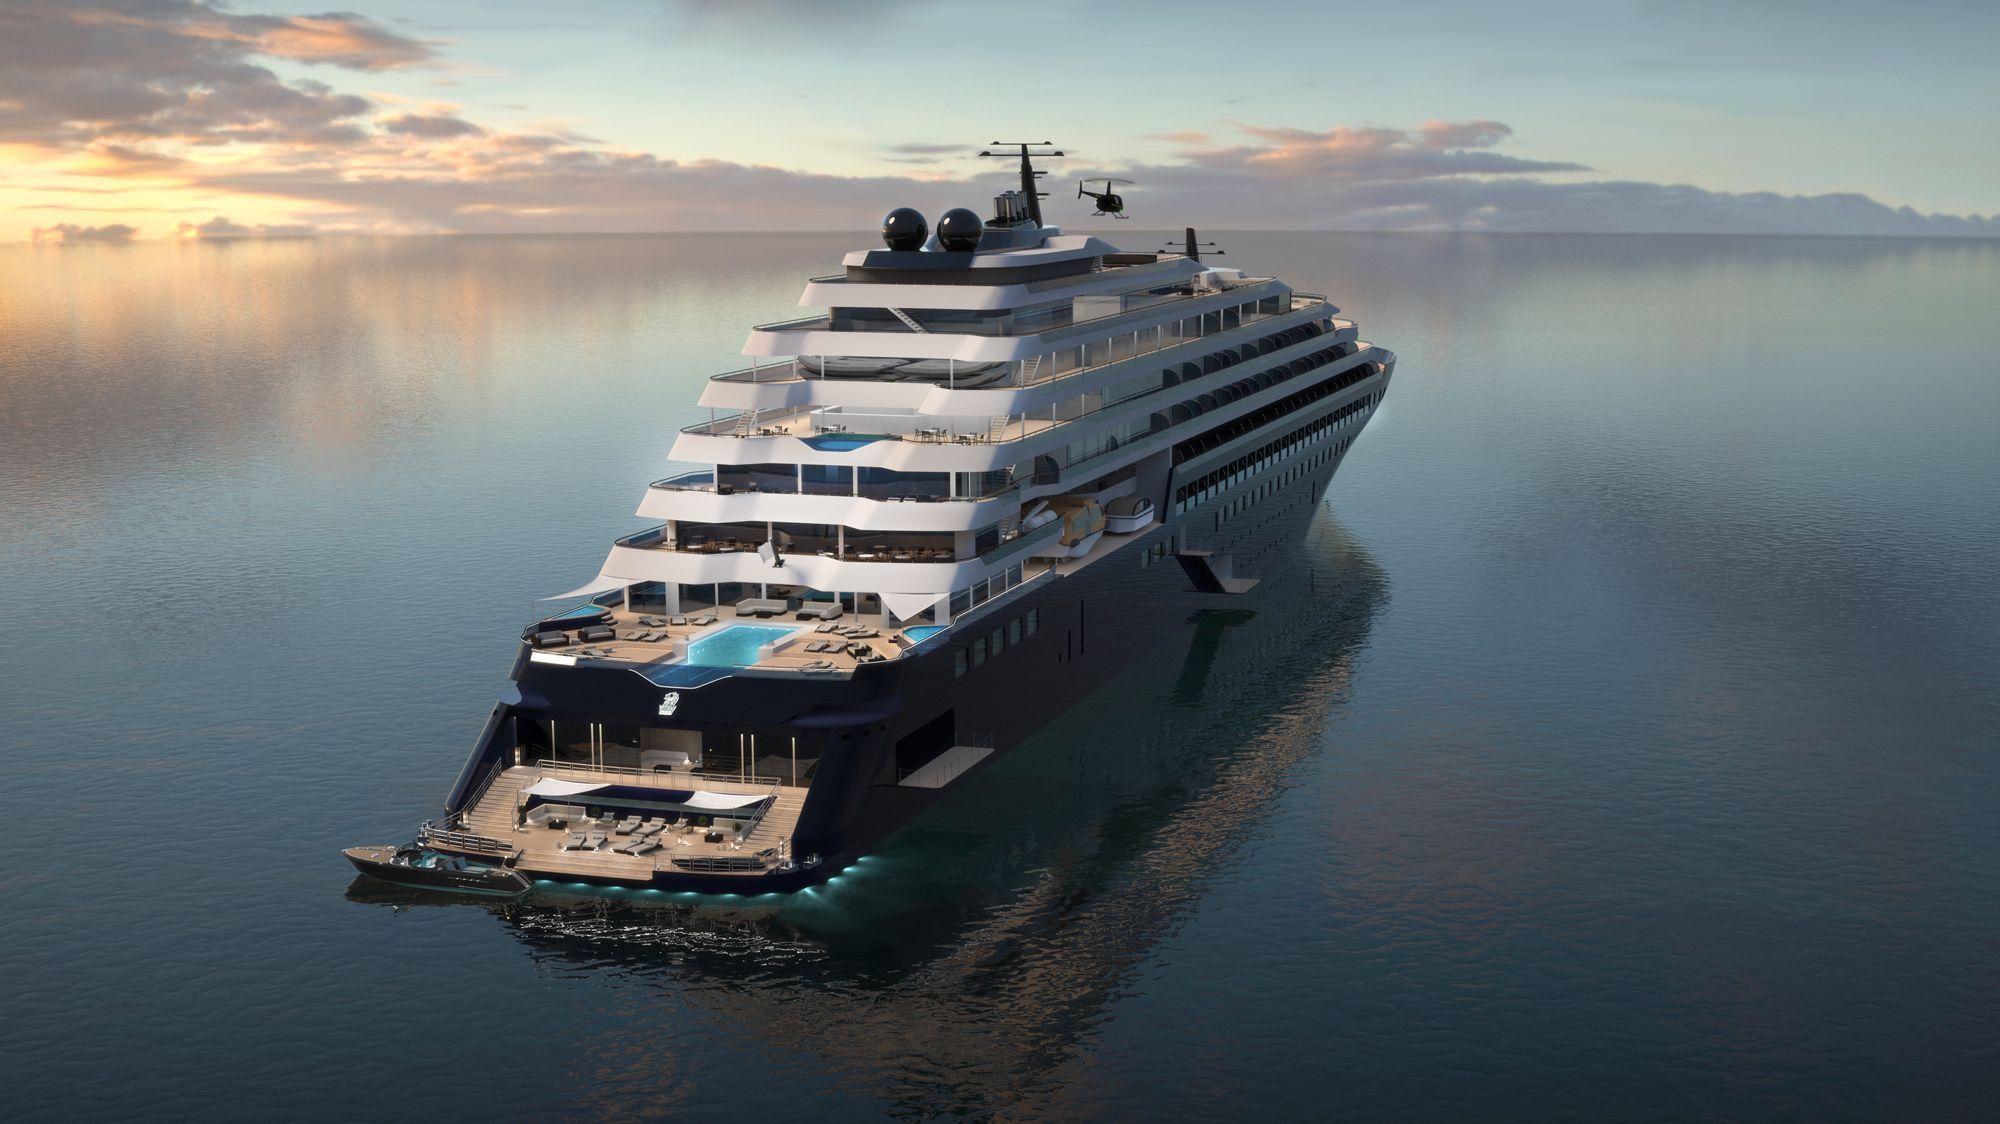 Ab 2019 auf den Weltmeeren der Welt unterwegs: Die Ritz-Carlton Yacht 1